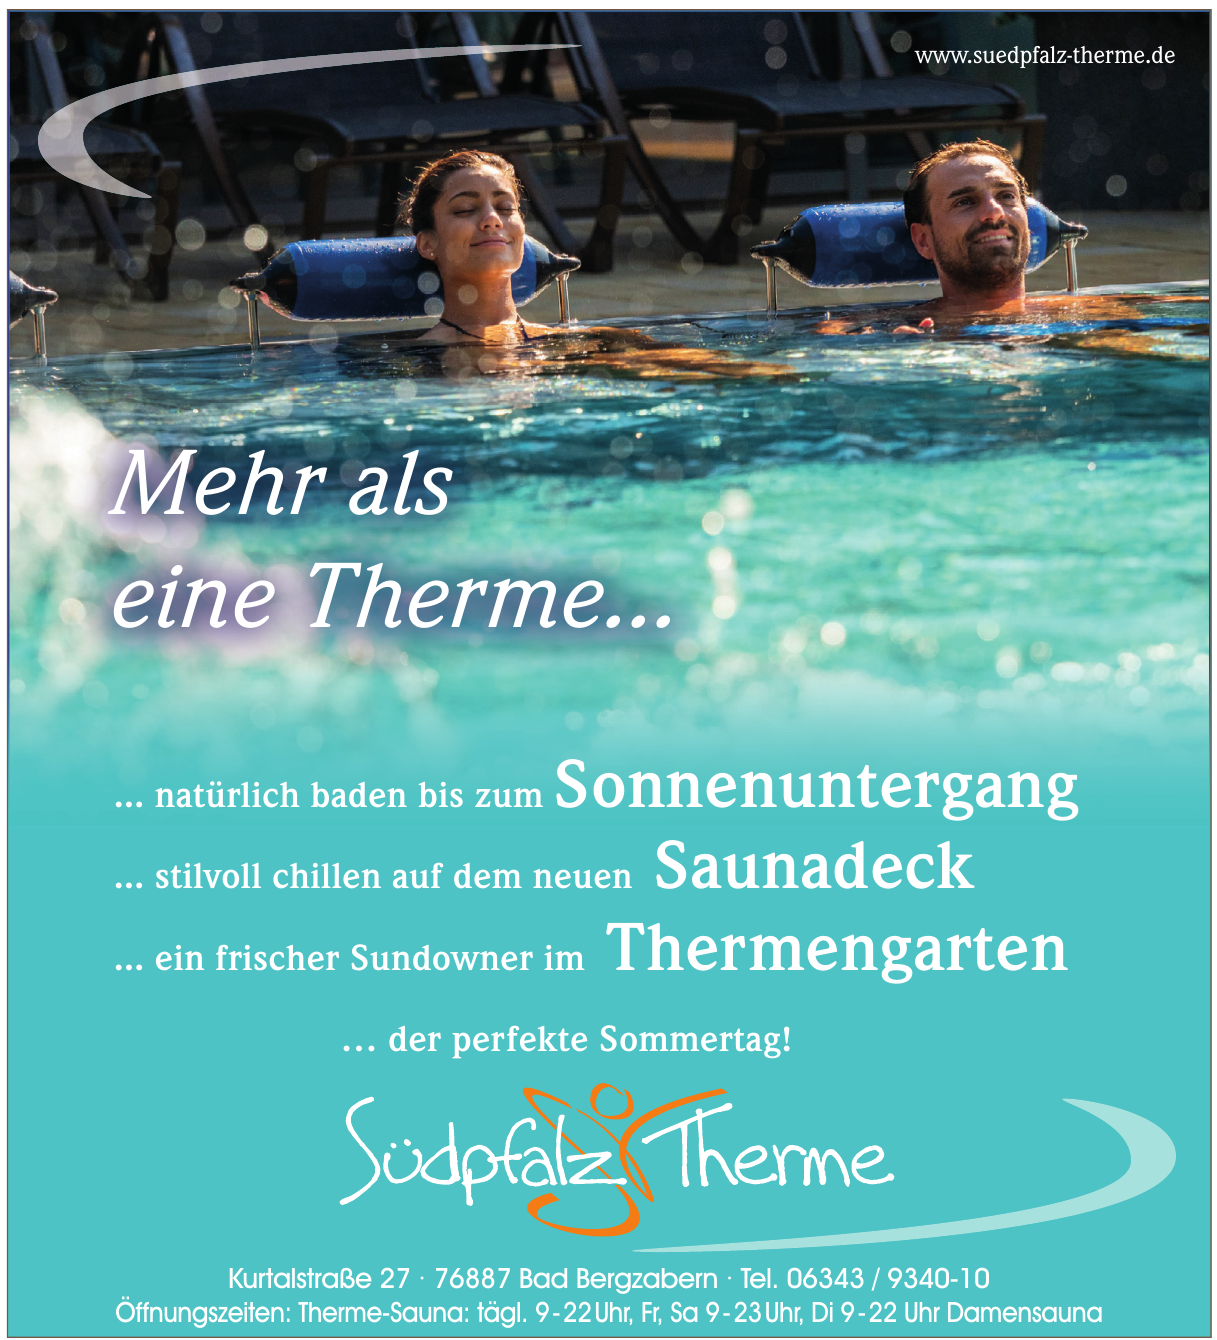 Südplatz Therme